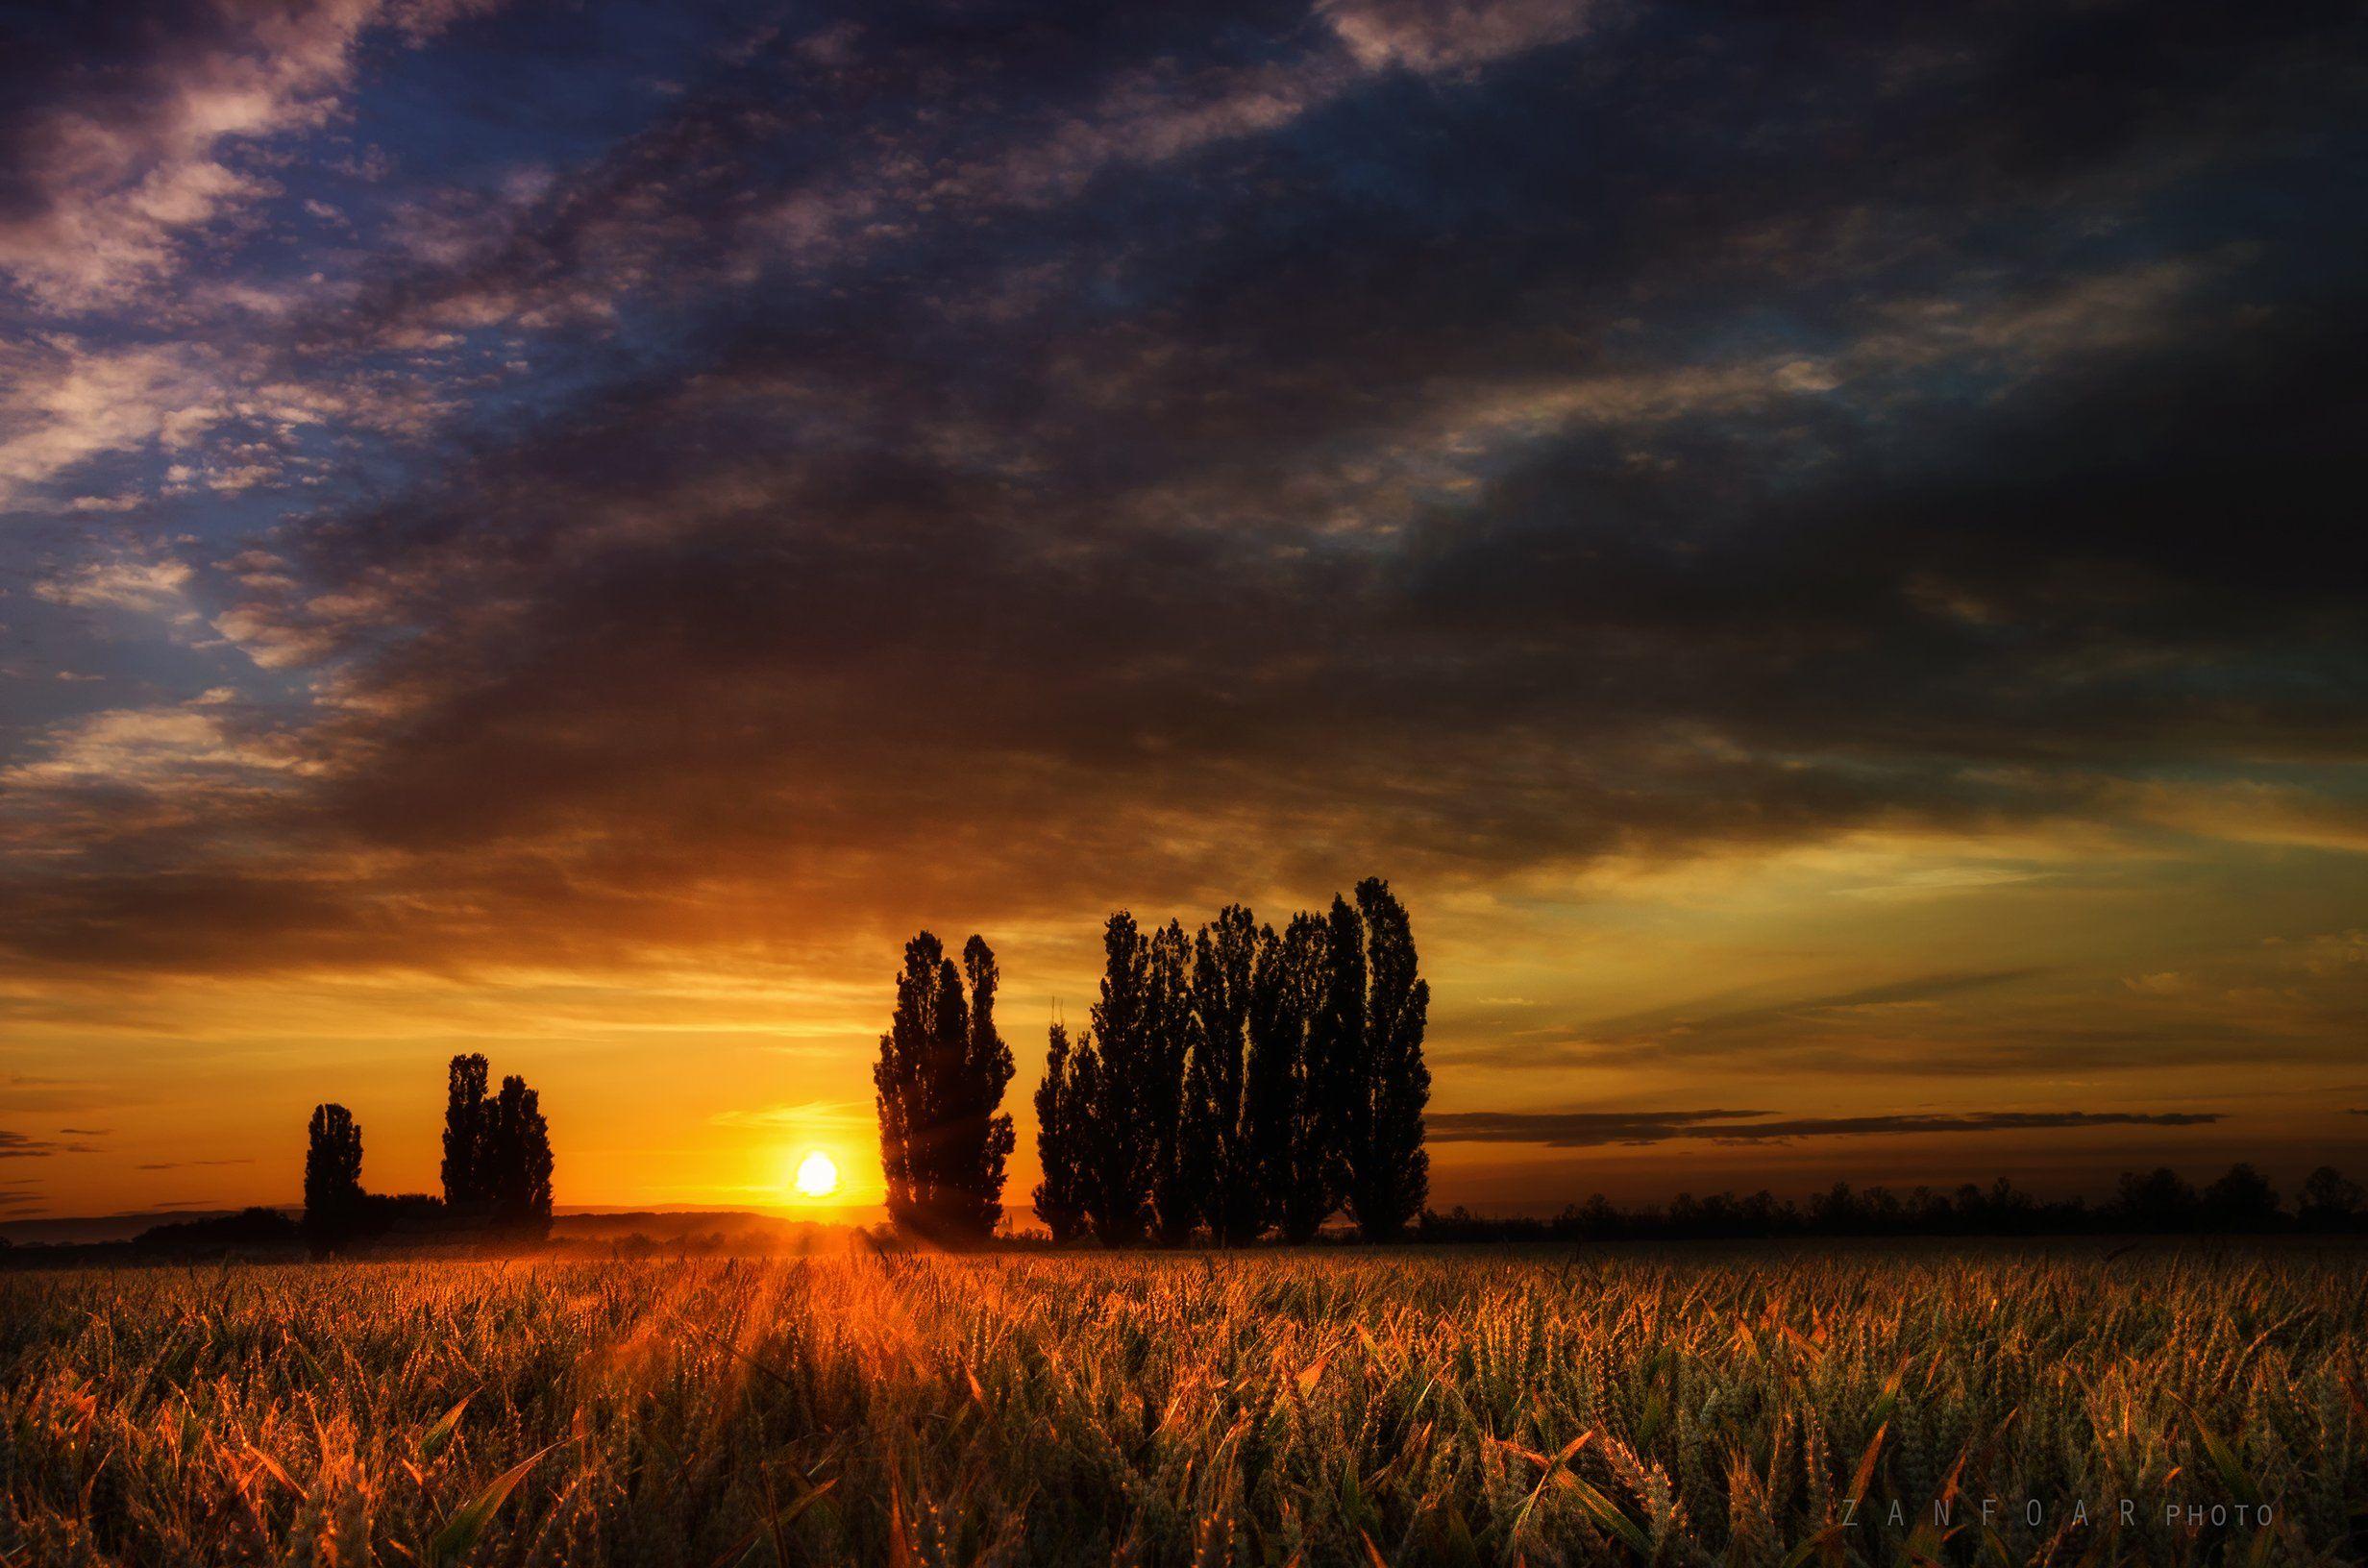 тополя, пейзаж, поле, природа, рассвет, зерно, лето, лучи, деревья, уши, zanfoar, чешская республика, nikon d7000,чехия, Zanfoar